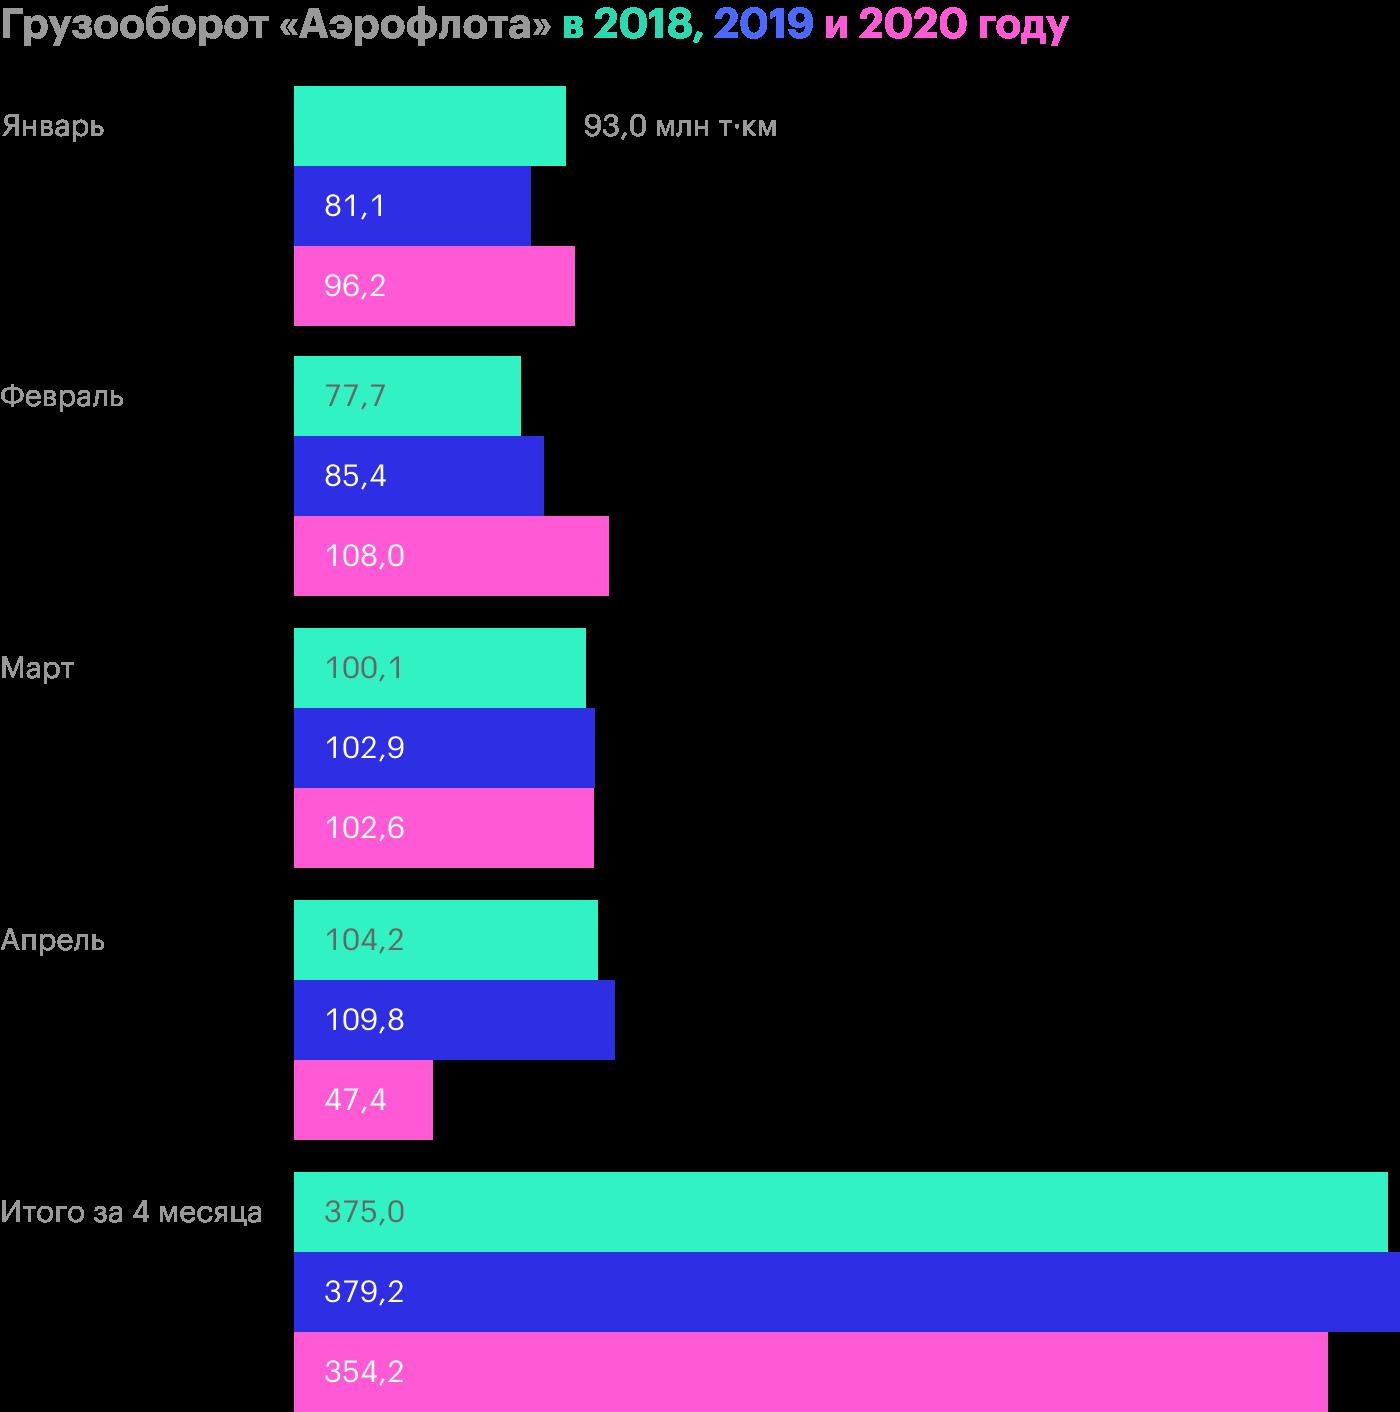 Источник: операционные результаты «Аэрофлота» за апрель 2020года